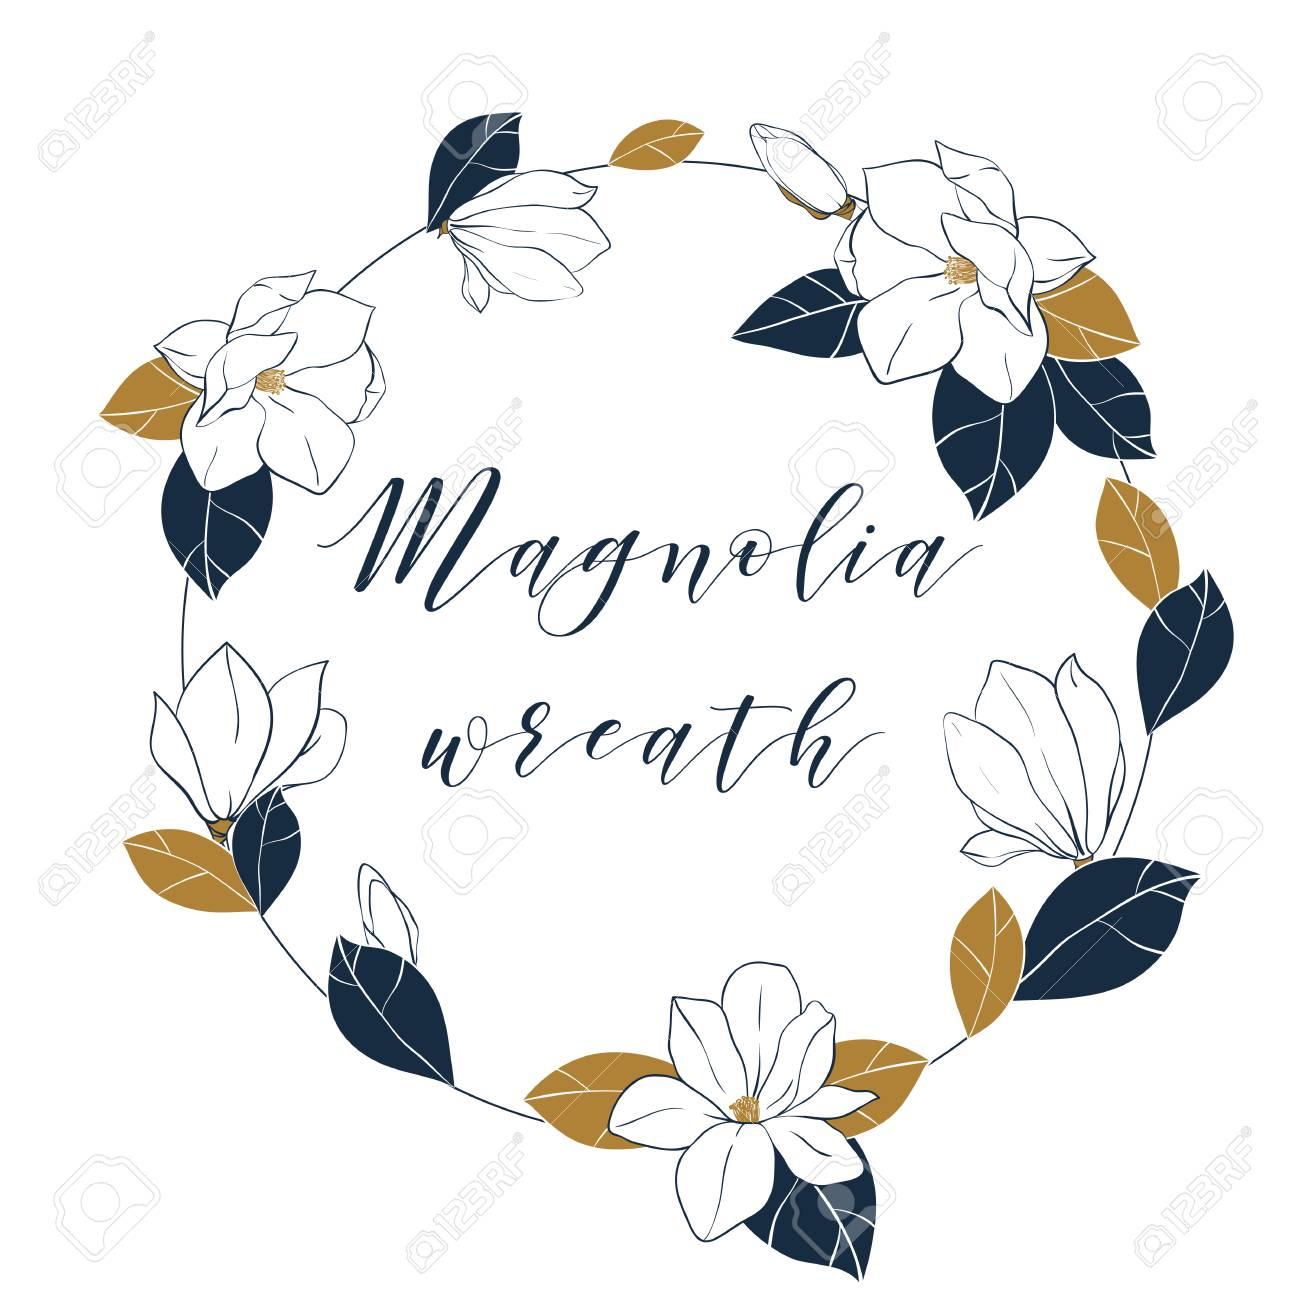 Couronne De Magnolia Graphique Dans Les Couleurs Bleu Foncé Et Bronze Main De Vecteur Dessiner Illustartion Avec Des Fleurs Des Bourgeons Et Des